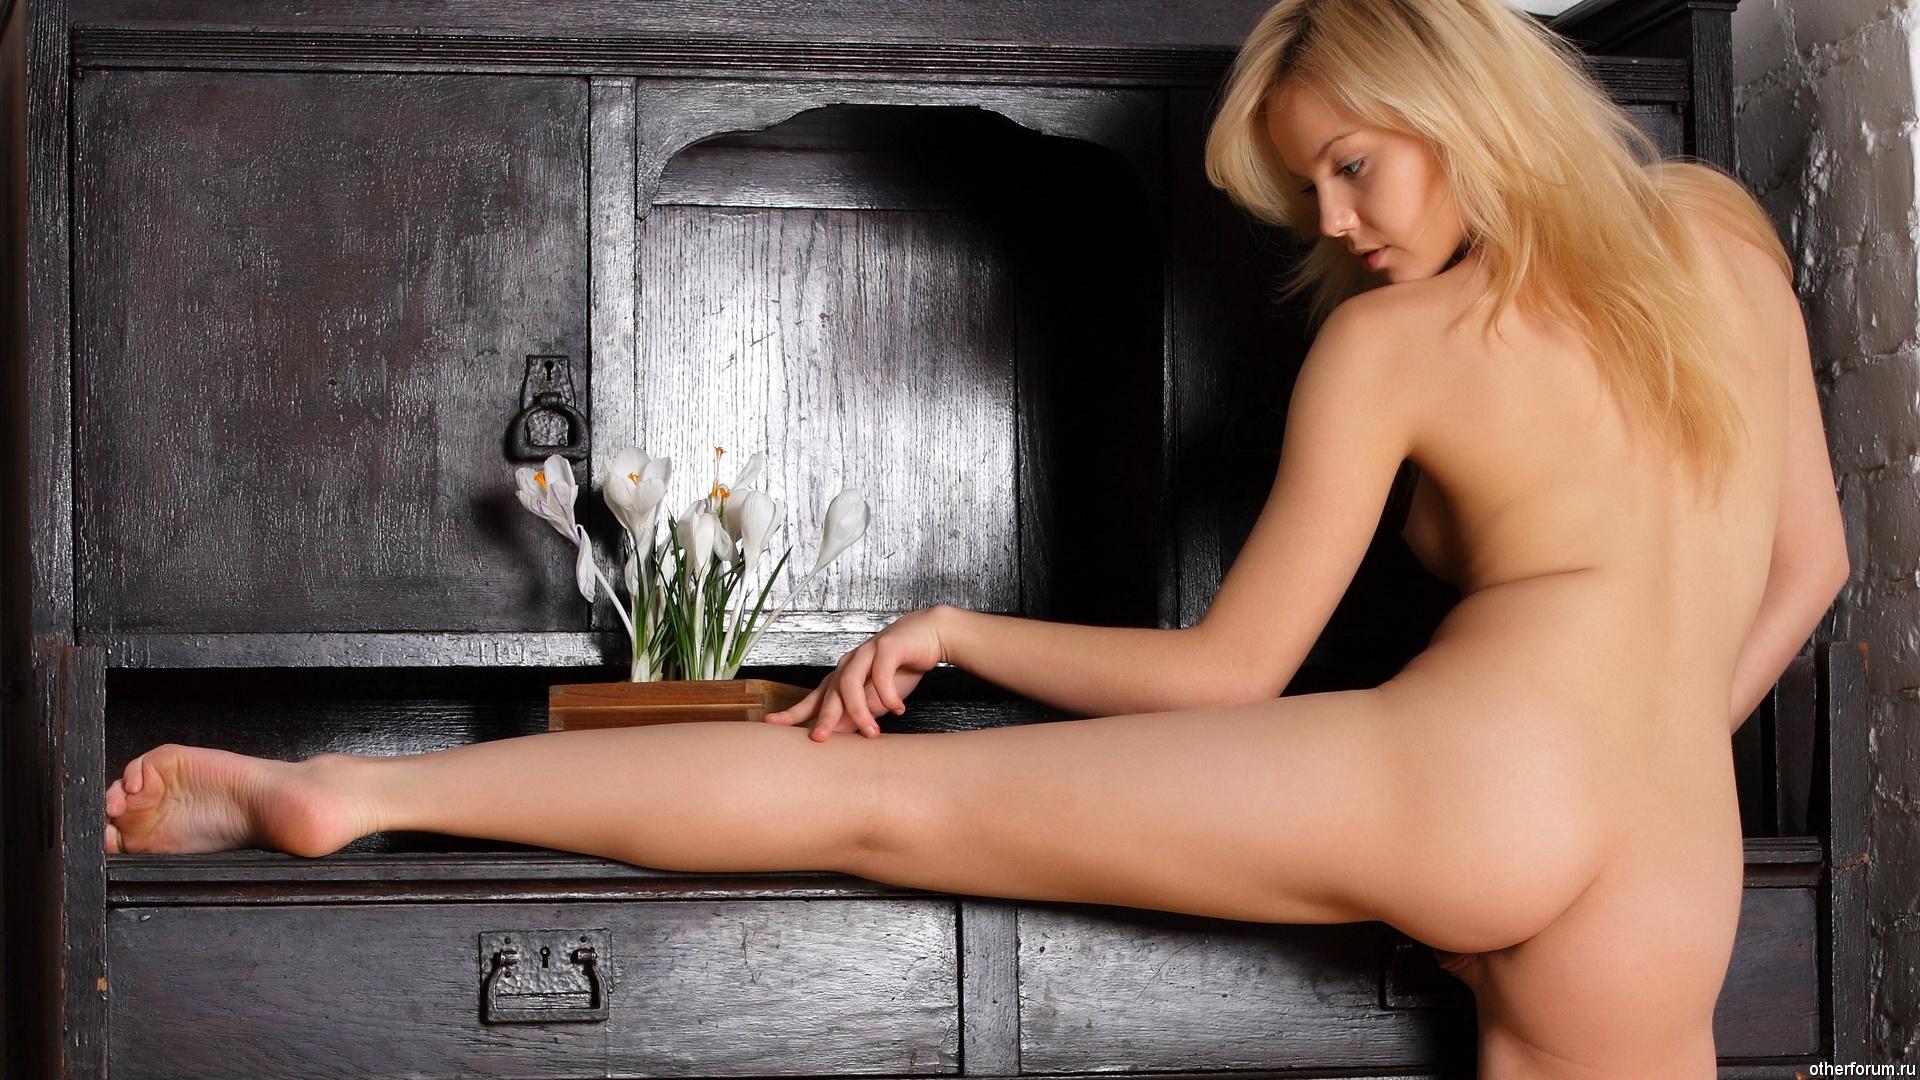 голые девушки видео тв качество что печень нас